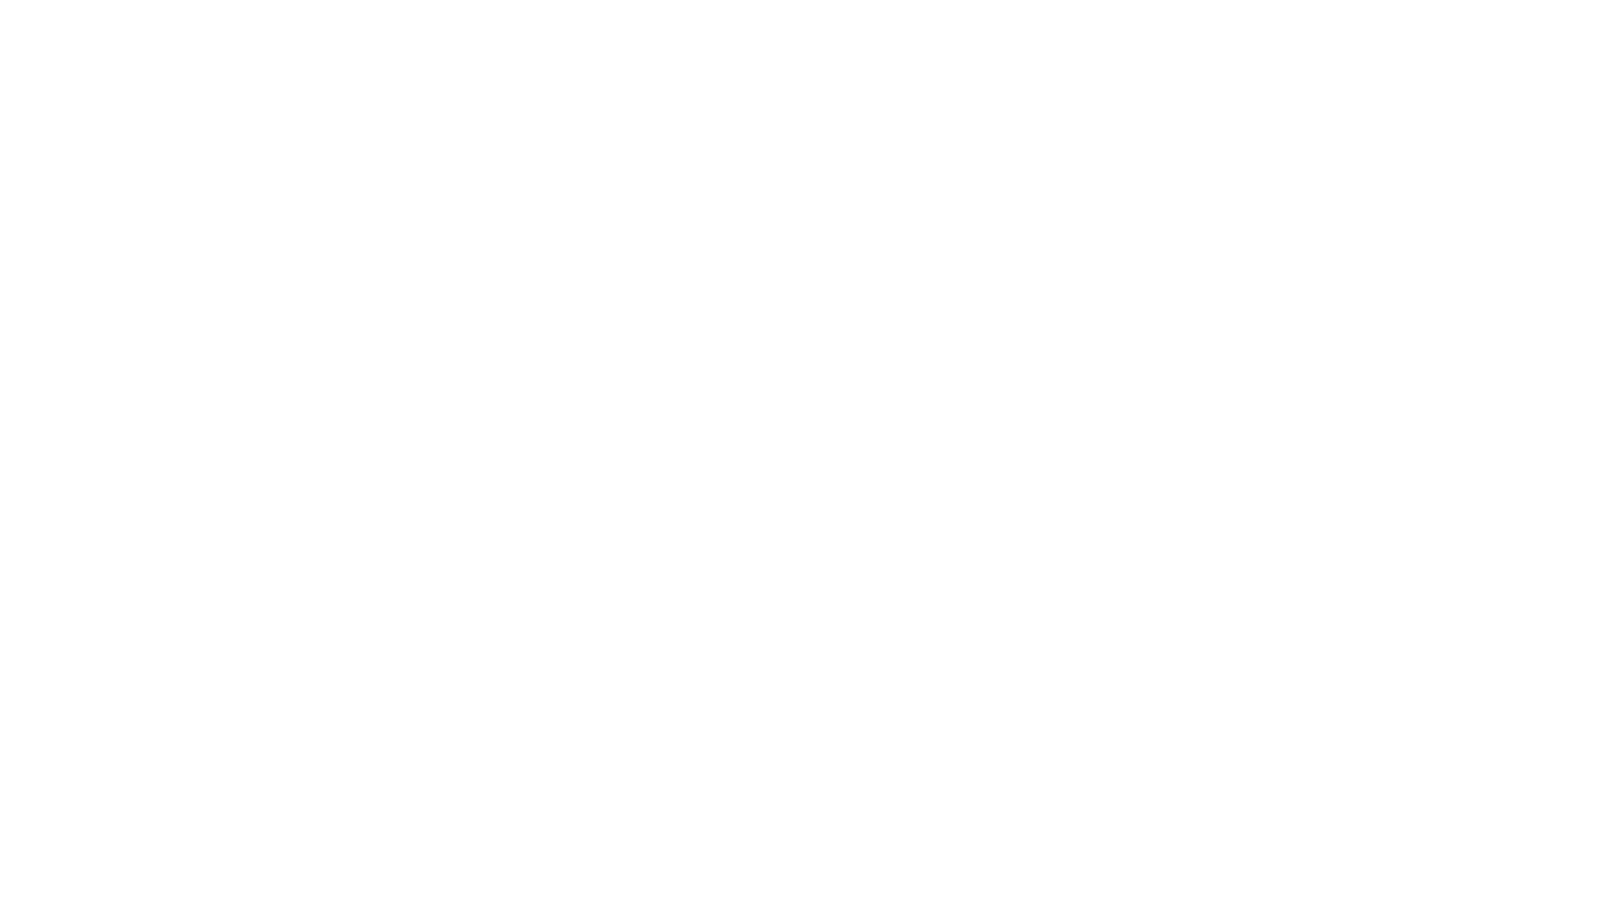 Den Brenner Grenzkamm kennen die meisten nur als klassischen Alpenübergang. Da dieses Gebiet nur wenige Kilometer von Innsbruck entfernt ist, habe ich es genauer unter die Lupe genommen! Geheime Bunker, sowie alte Stellungen werden Dein Bikerherz höher schlagen lassen. Flowige Trails und eine faszinierende Naturlandschaft werden Dir den Atem rauben.  Mehr Infos unter: https://appi.at